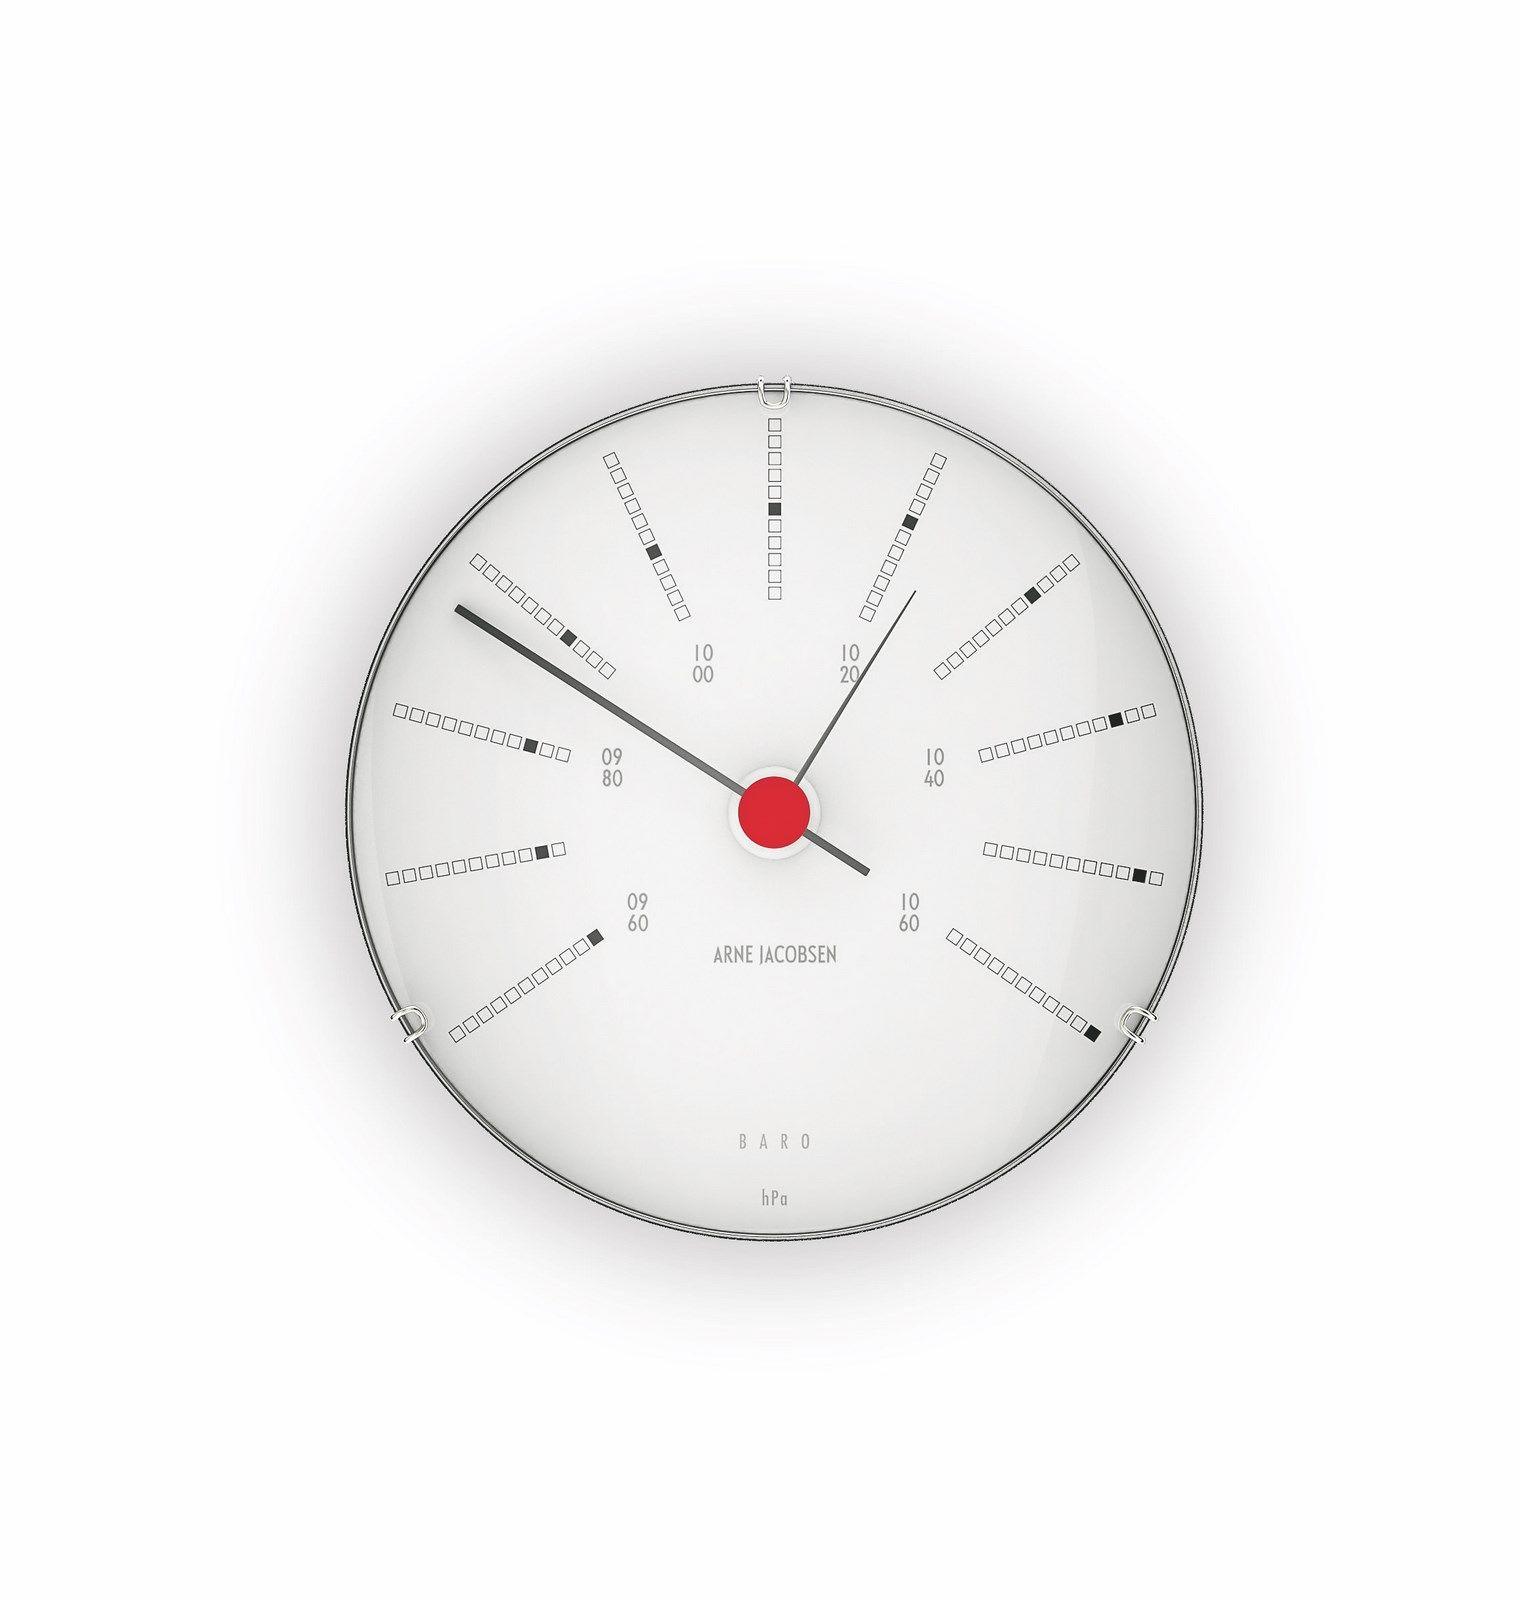 Arne Jacobsen Bankers vejrstation, barometer